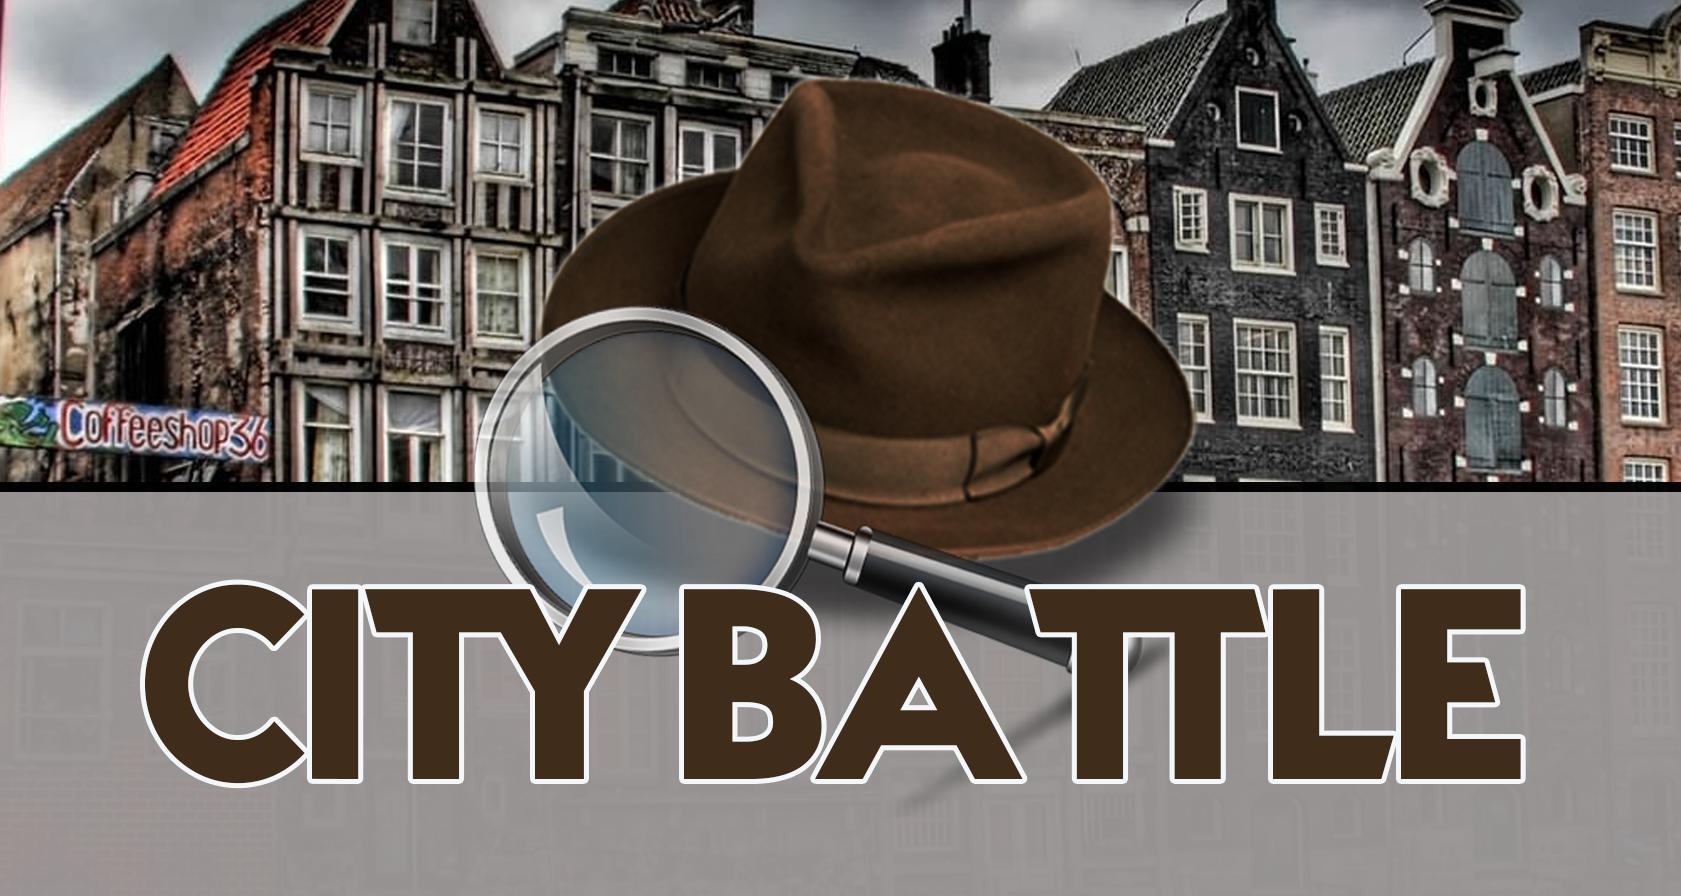 GPS City Battle Amersfoort Bedrijfsuitje